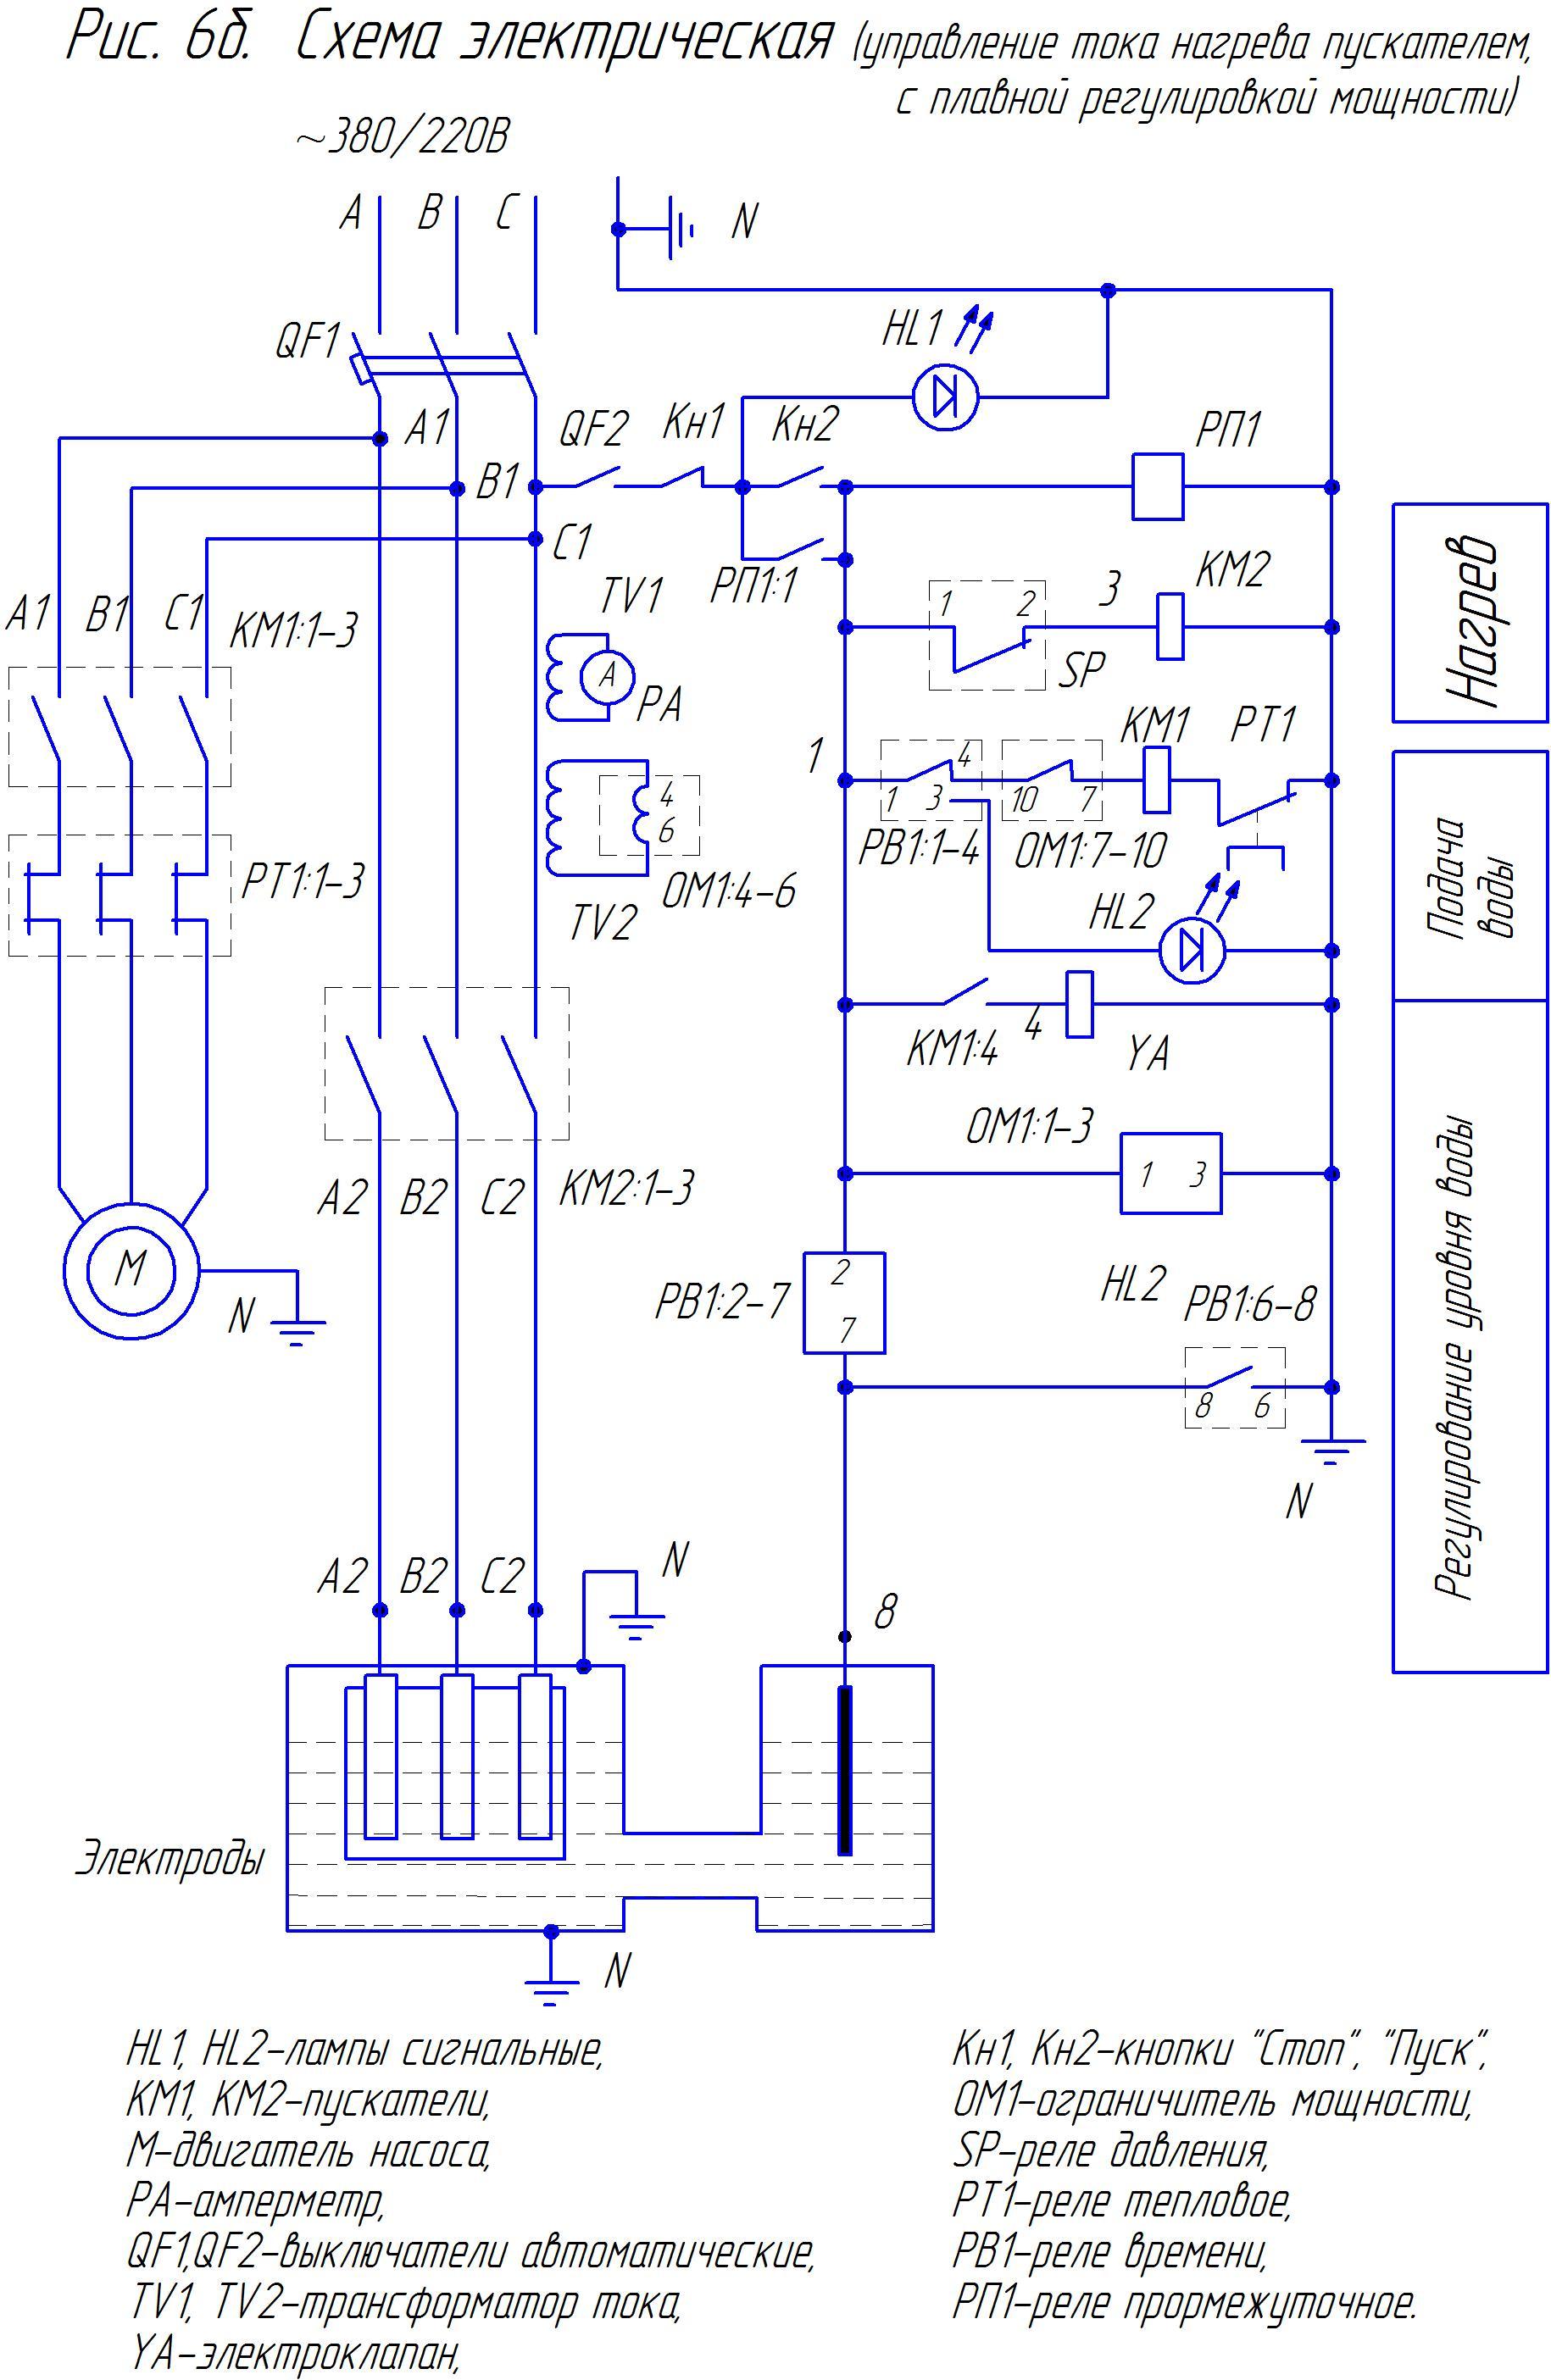 Эпвн-12 электрическая схема